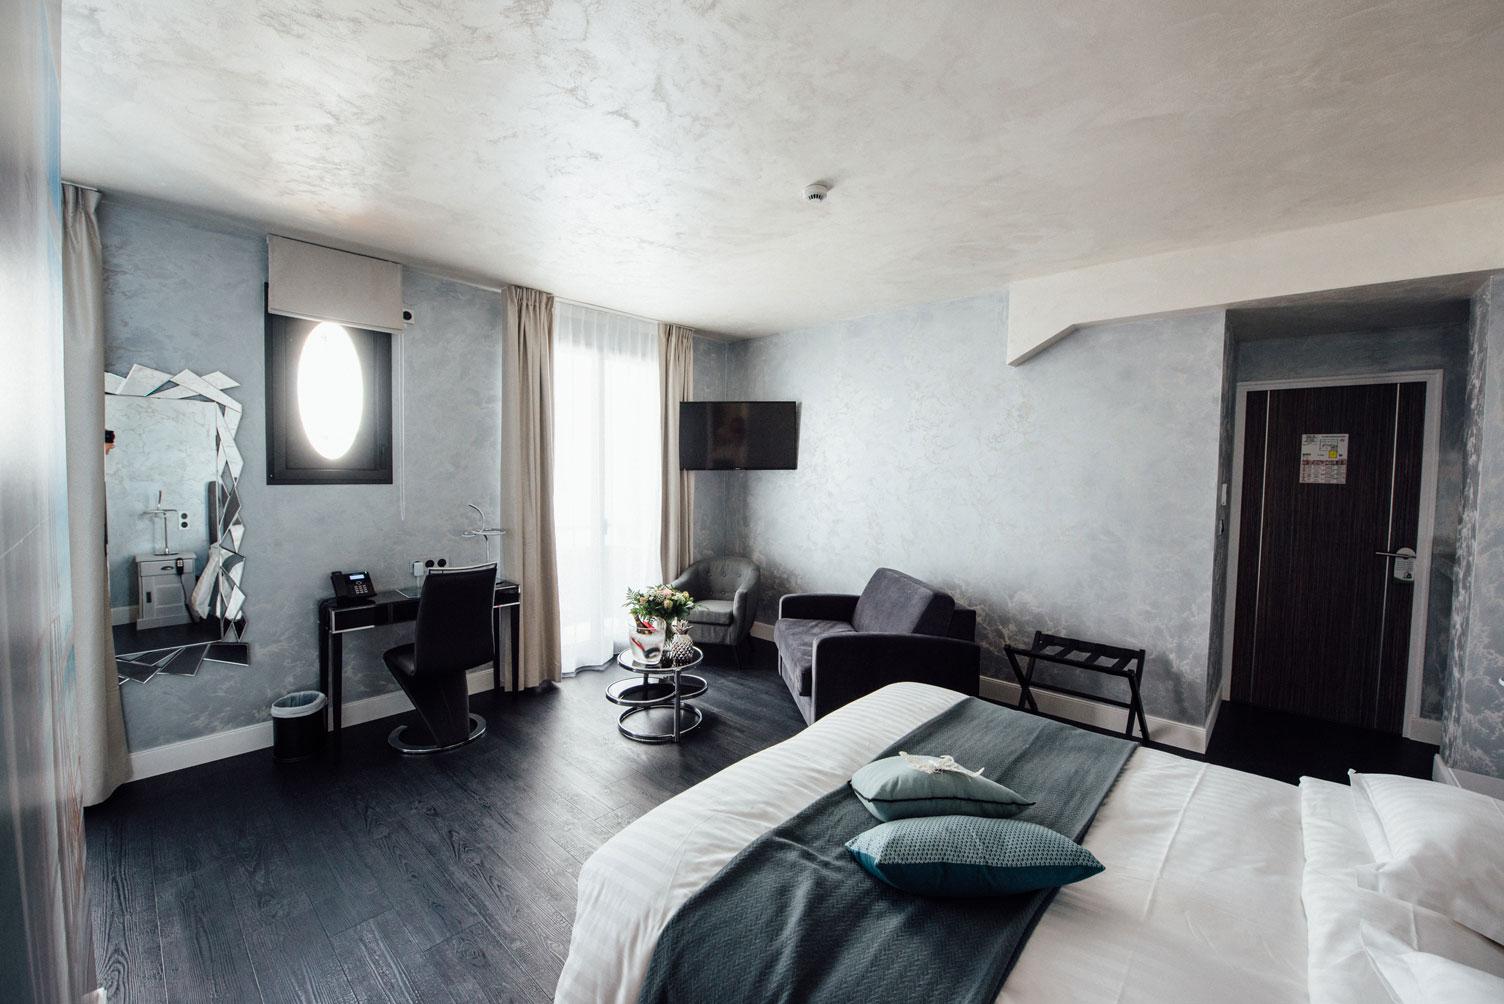 Suite Balnéo chambre intégrale | Amirauté Hôtel La Baule